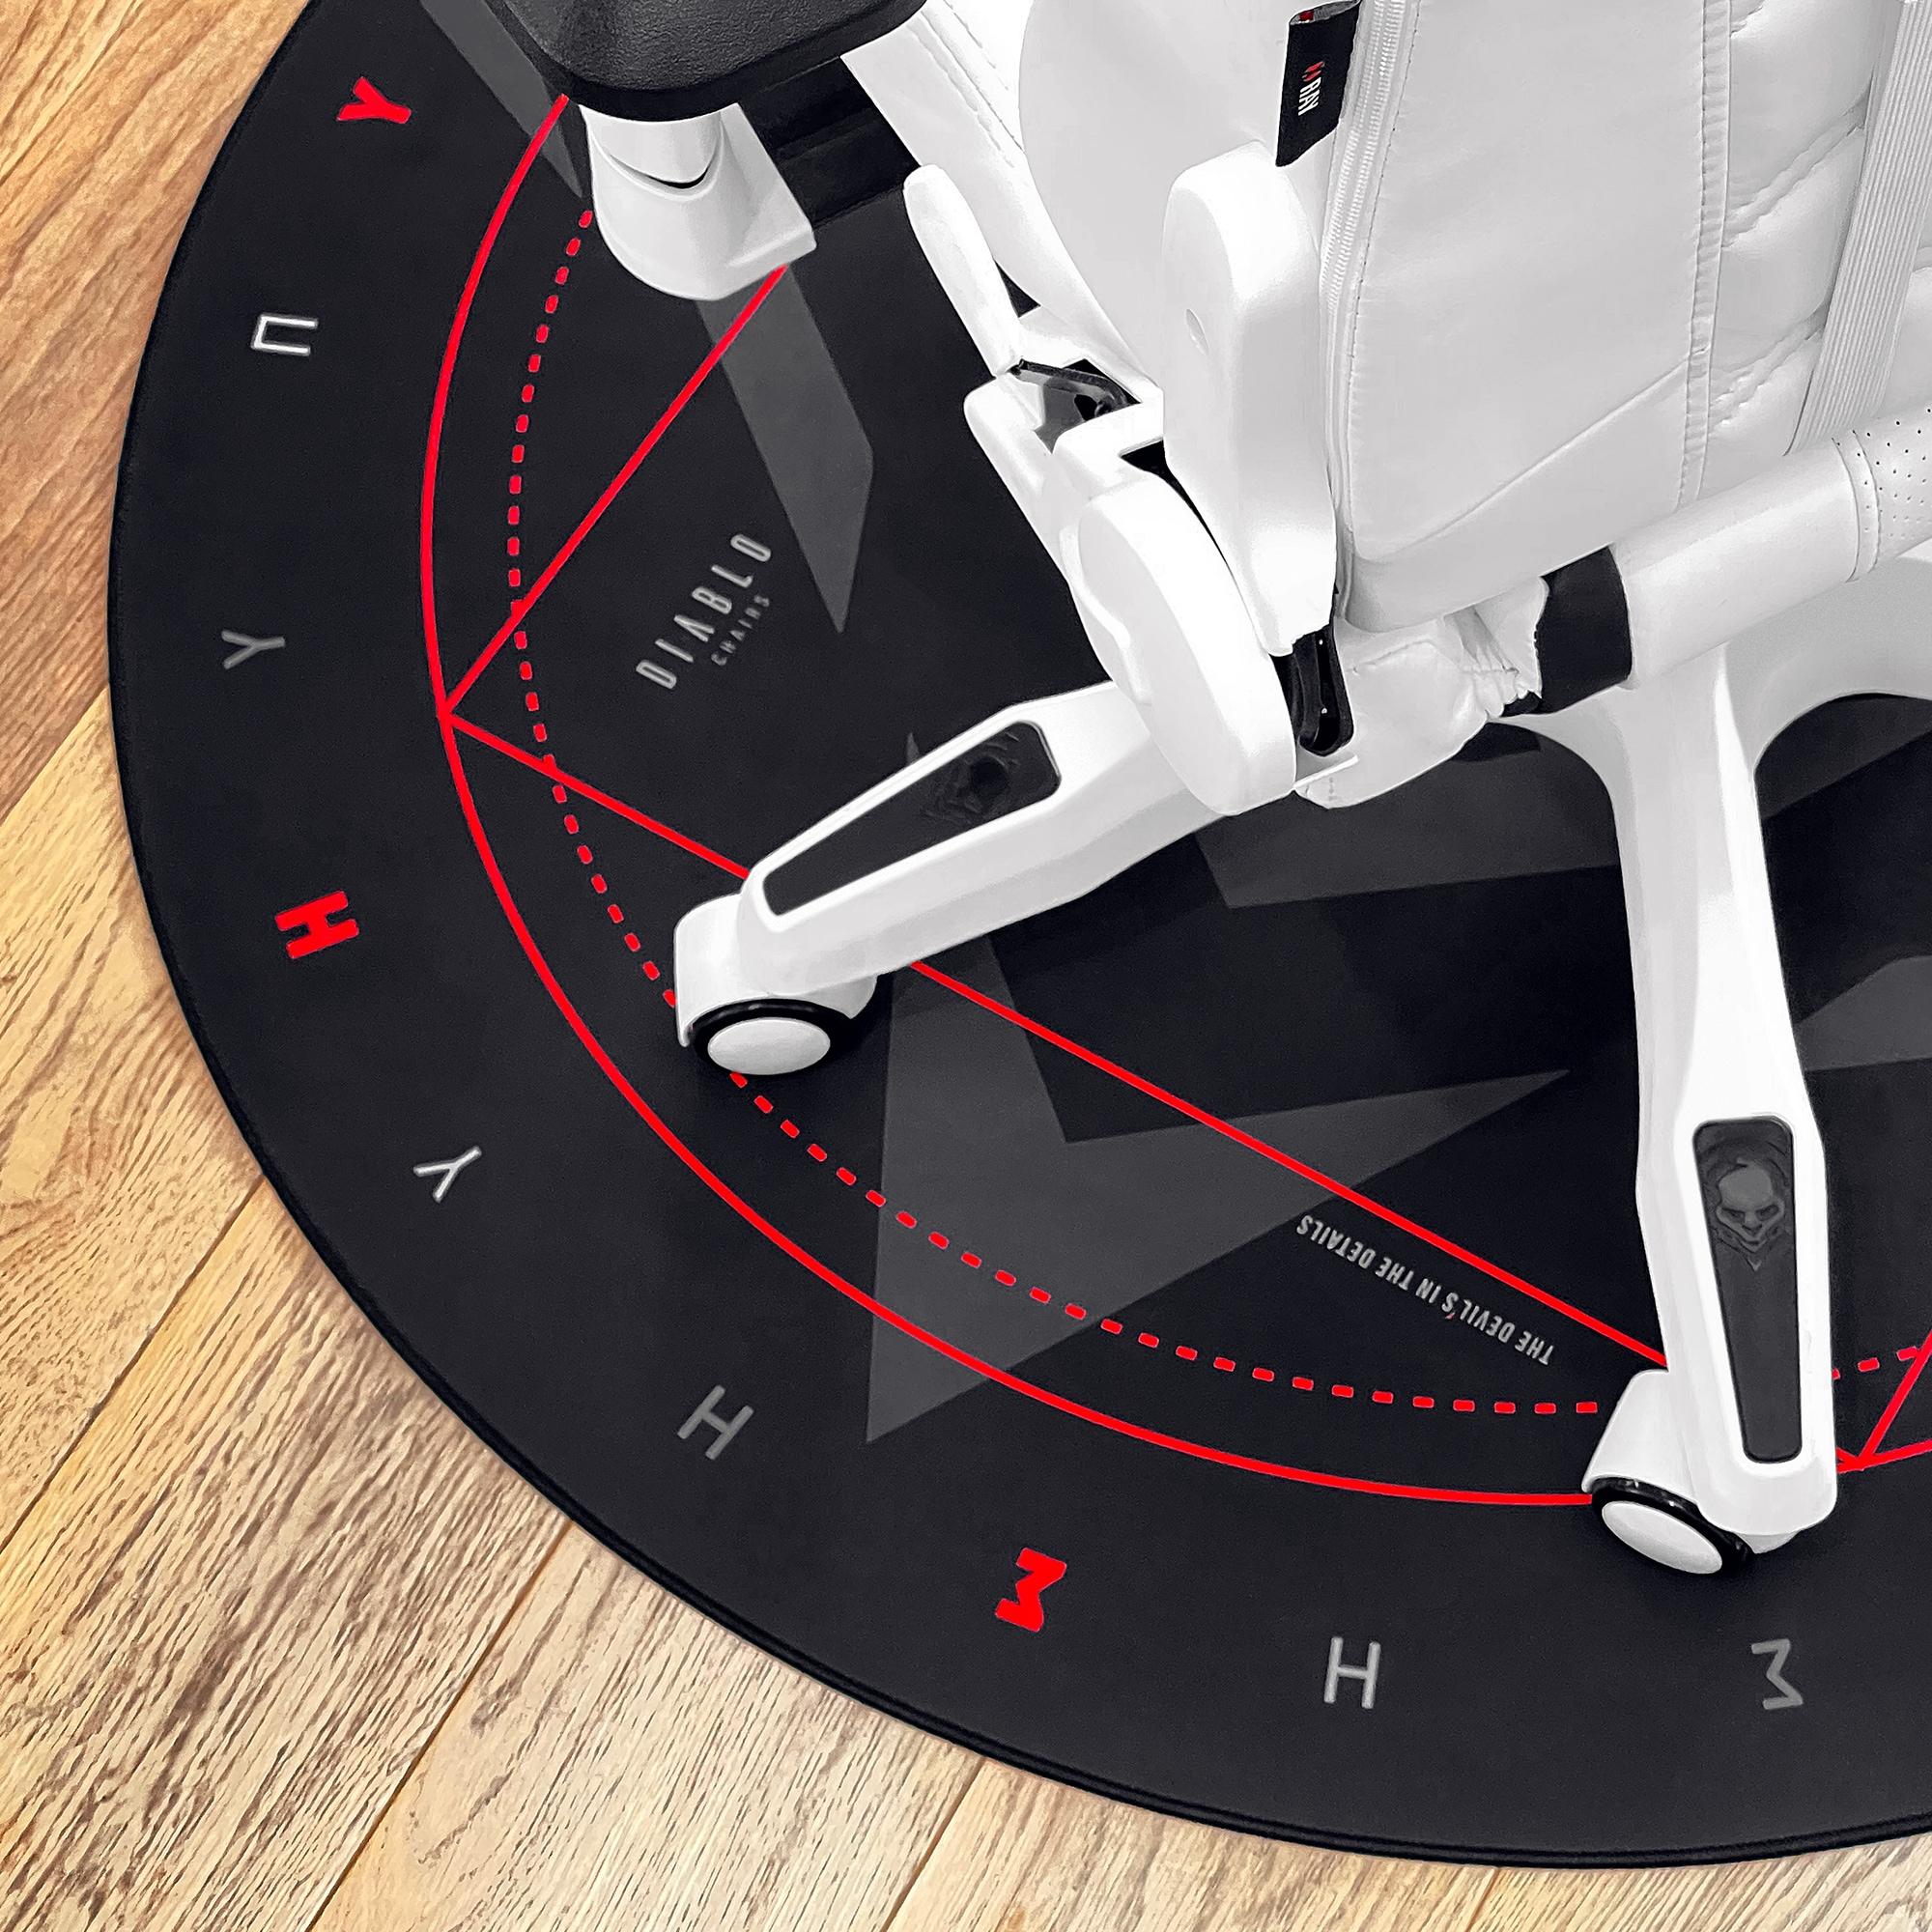 Diablo Chairs Floor Pad Gaming - 4